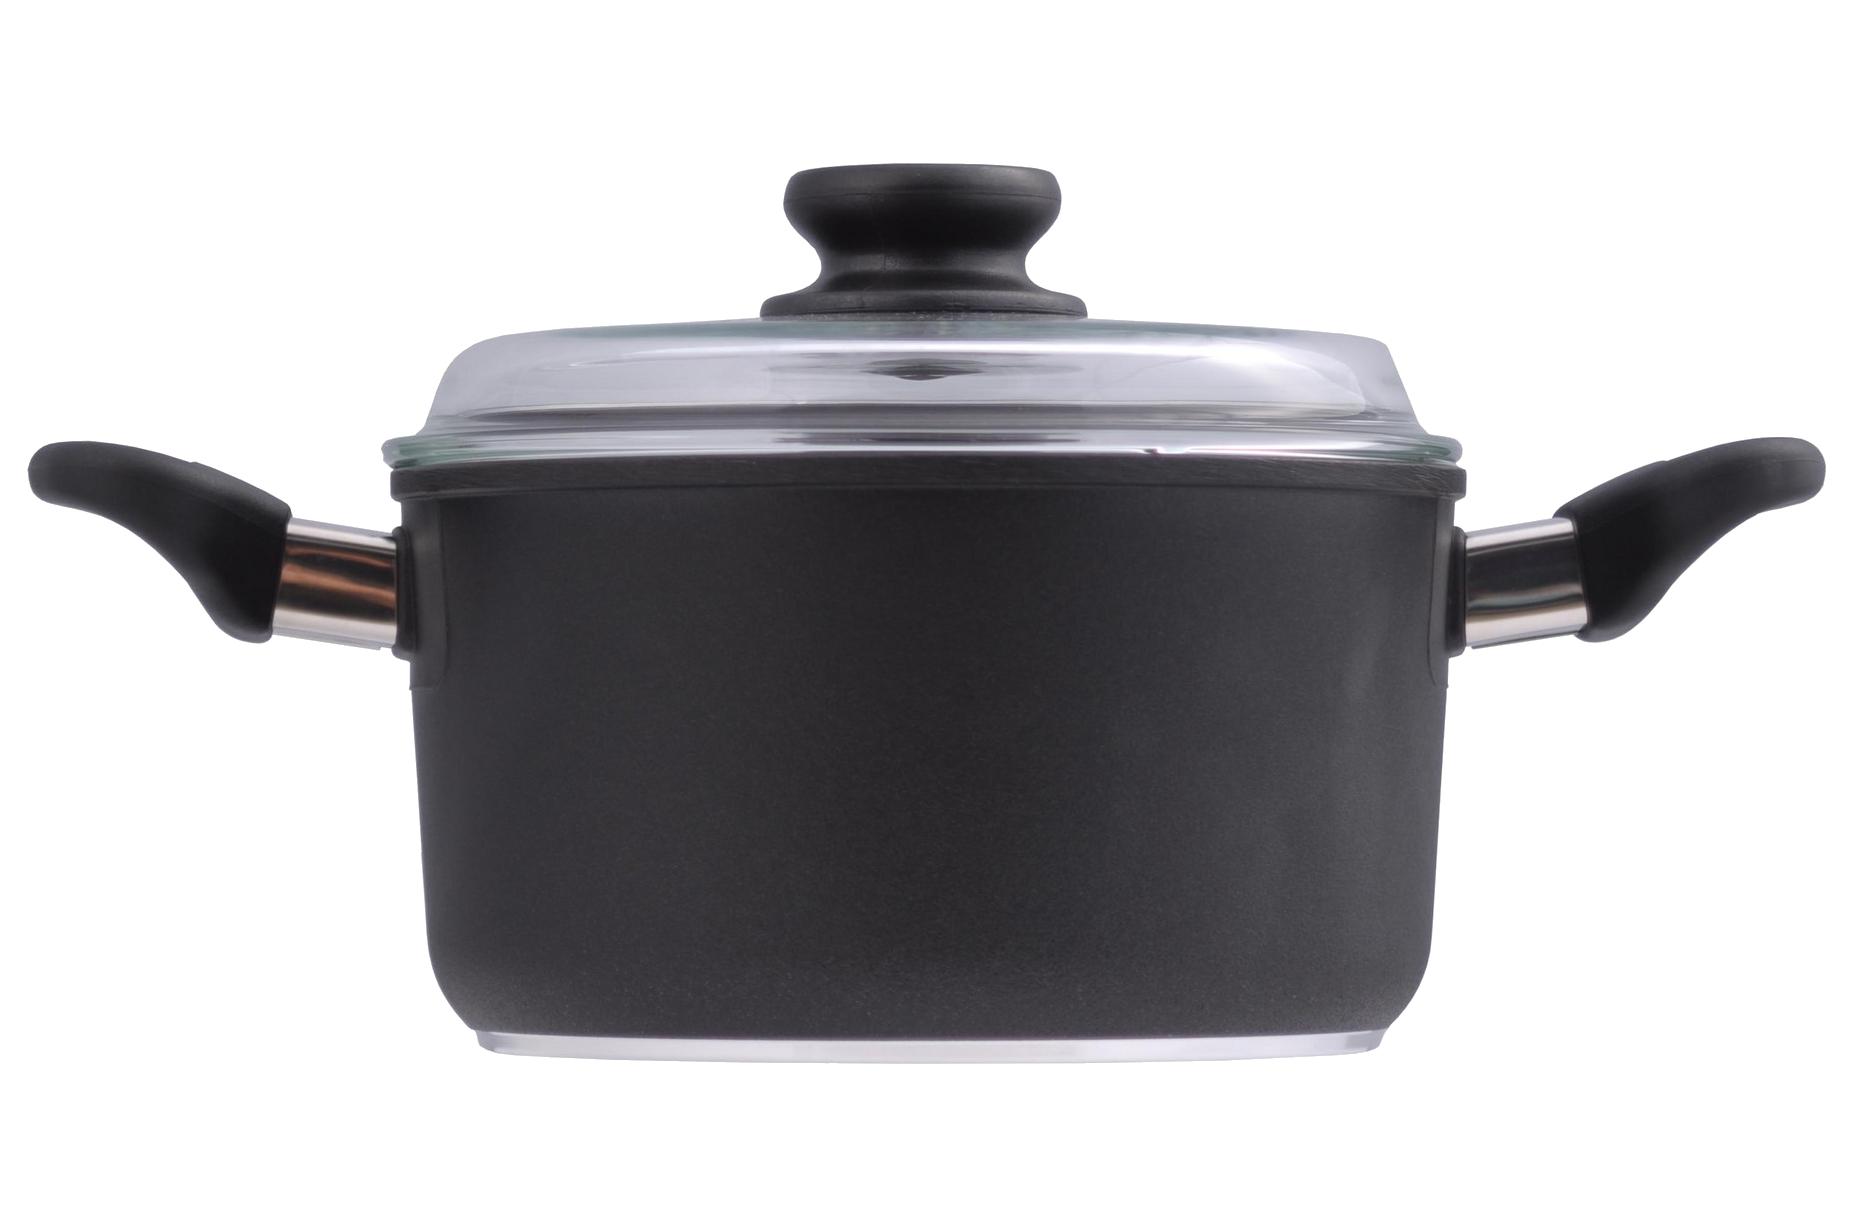 Cooking pan PNG image - Cooking Pan PNG